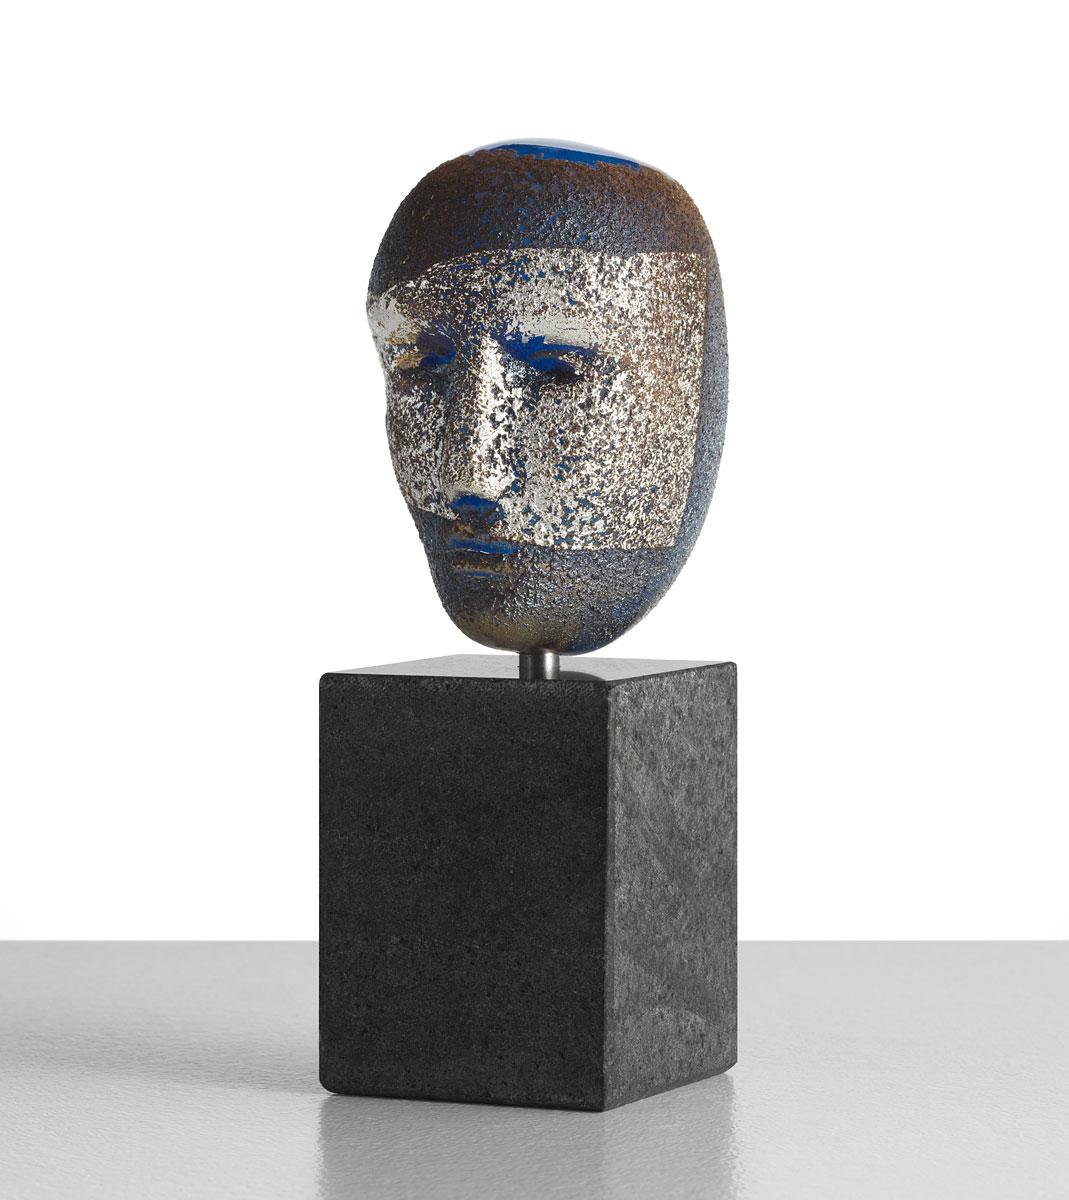 Kosta Boda Art Glass Bertil Vallien Freja Sculpture, Limited Edition